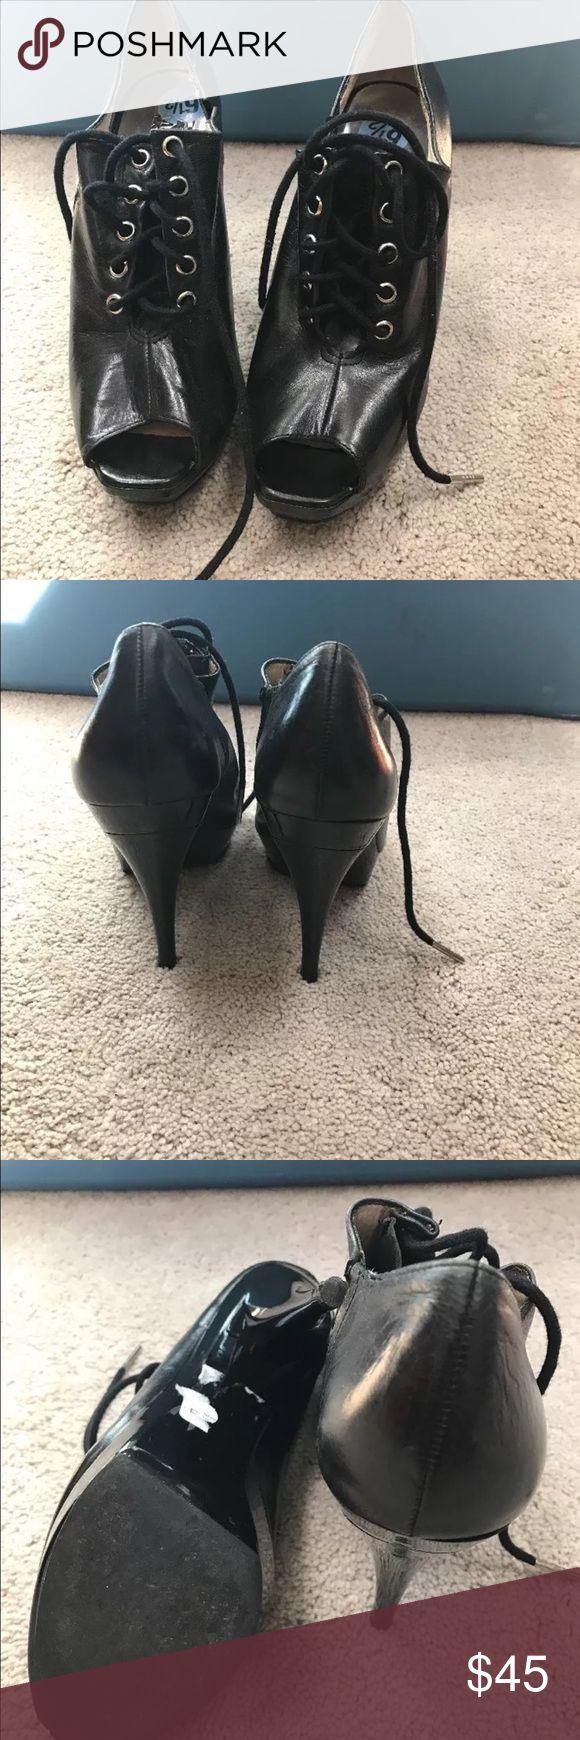 Michael Kors Heels Black Michael Kors Heels Michael Kors Shoes Heels